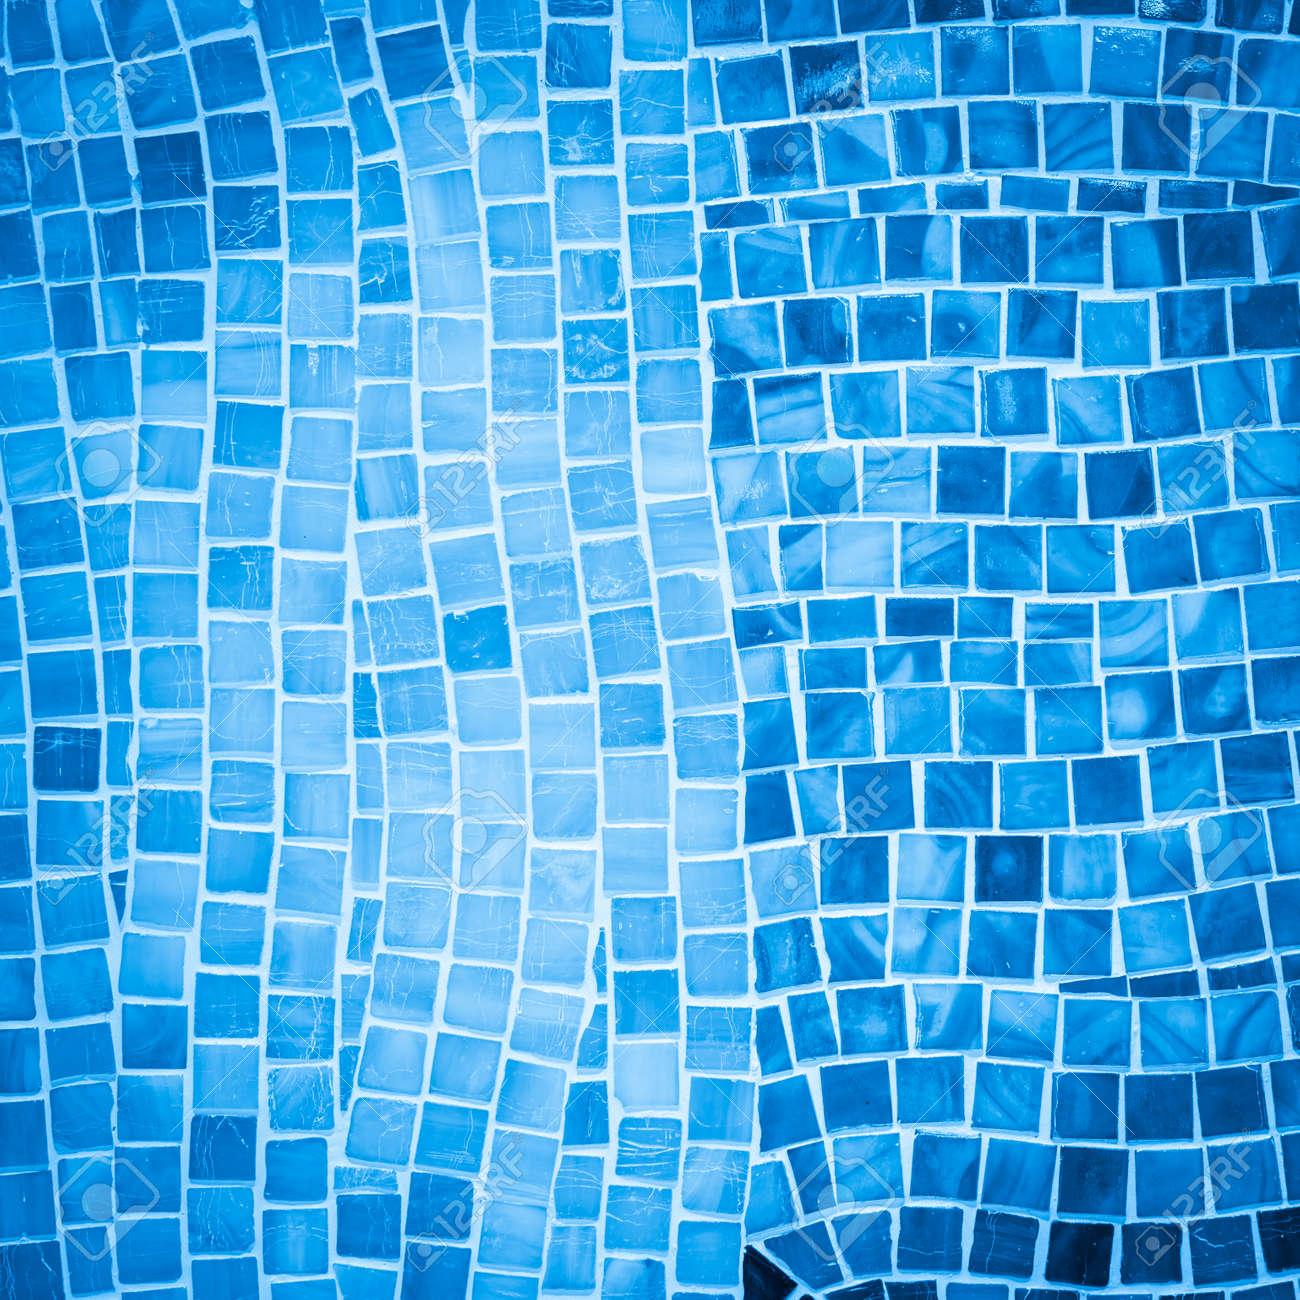 Mur de carreaux de mosaïque bleue rugueuse dans salle de bain